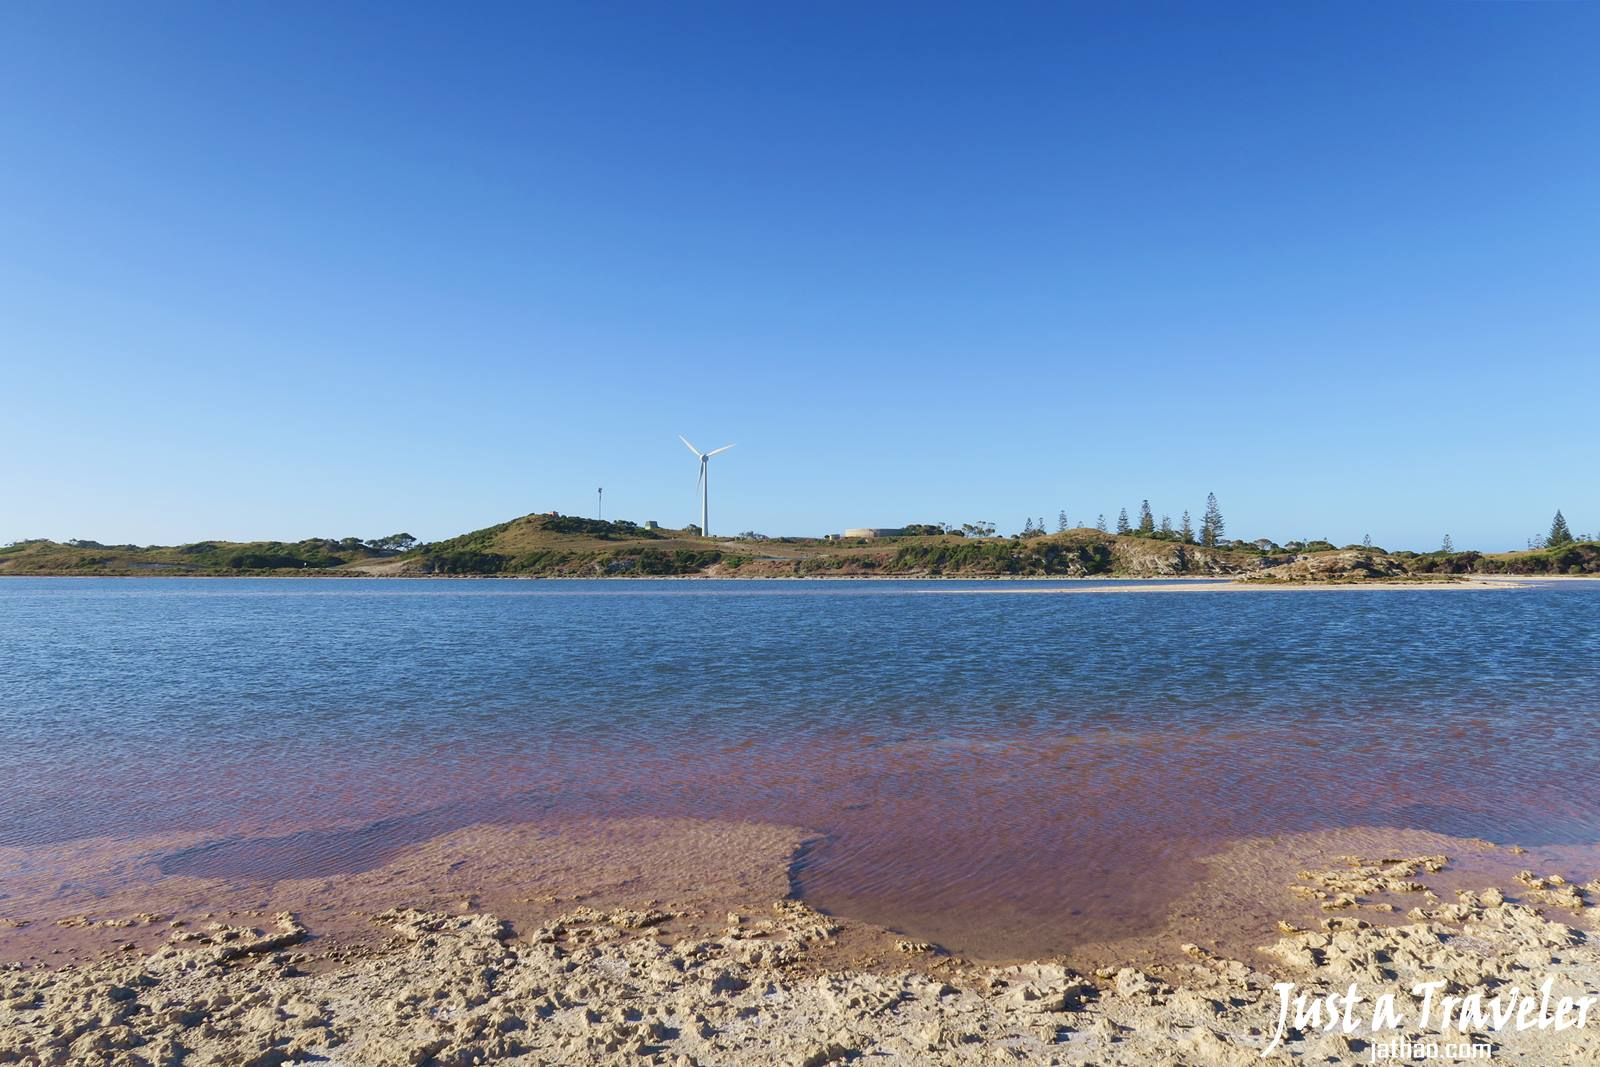 澳洲-西澳-伯斯-景點-羅特尼斯島-Rottnest Island-粉紅湖-推薦-自由行-交通-旅遊-遊記-攻略-行程-一日遊-二日遊-必玩-必遊-Perth